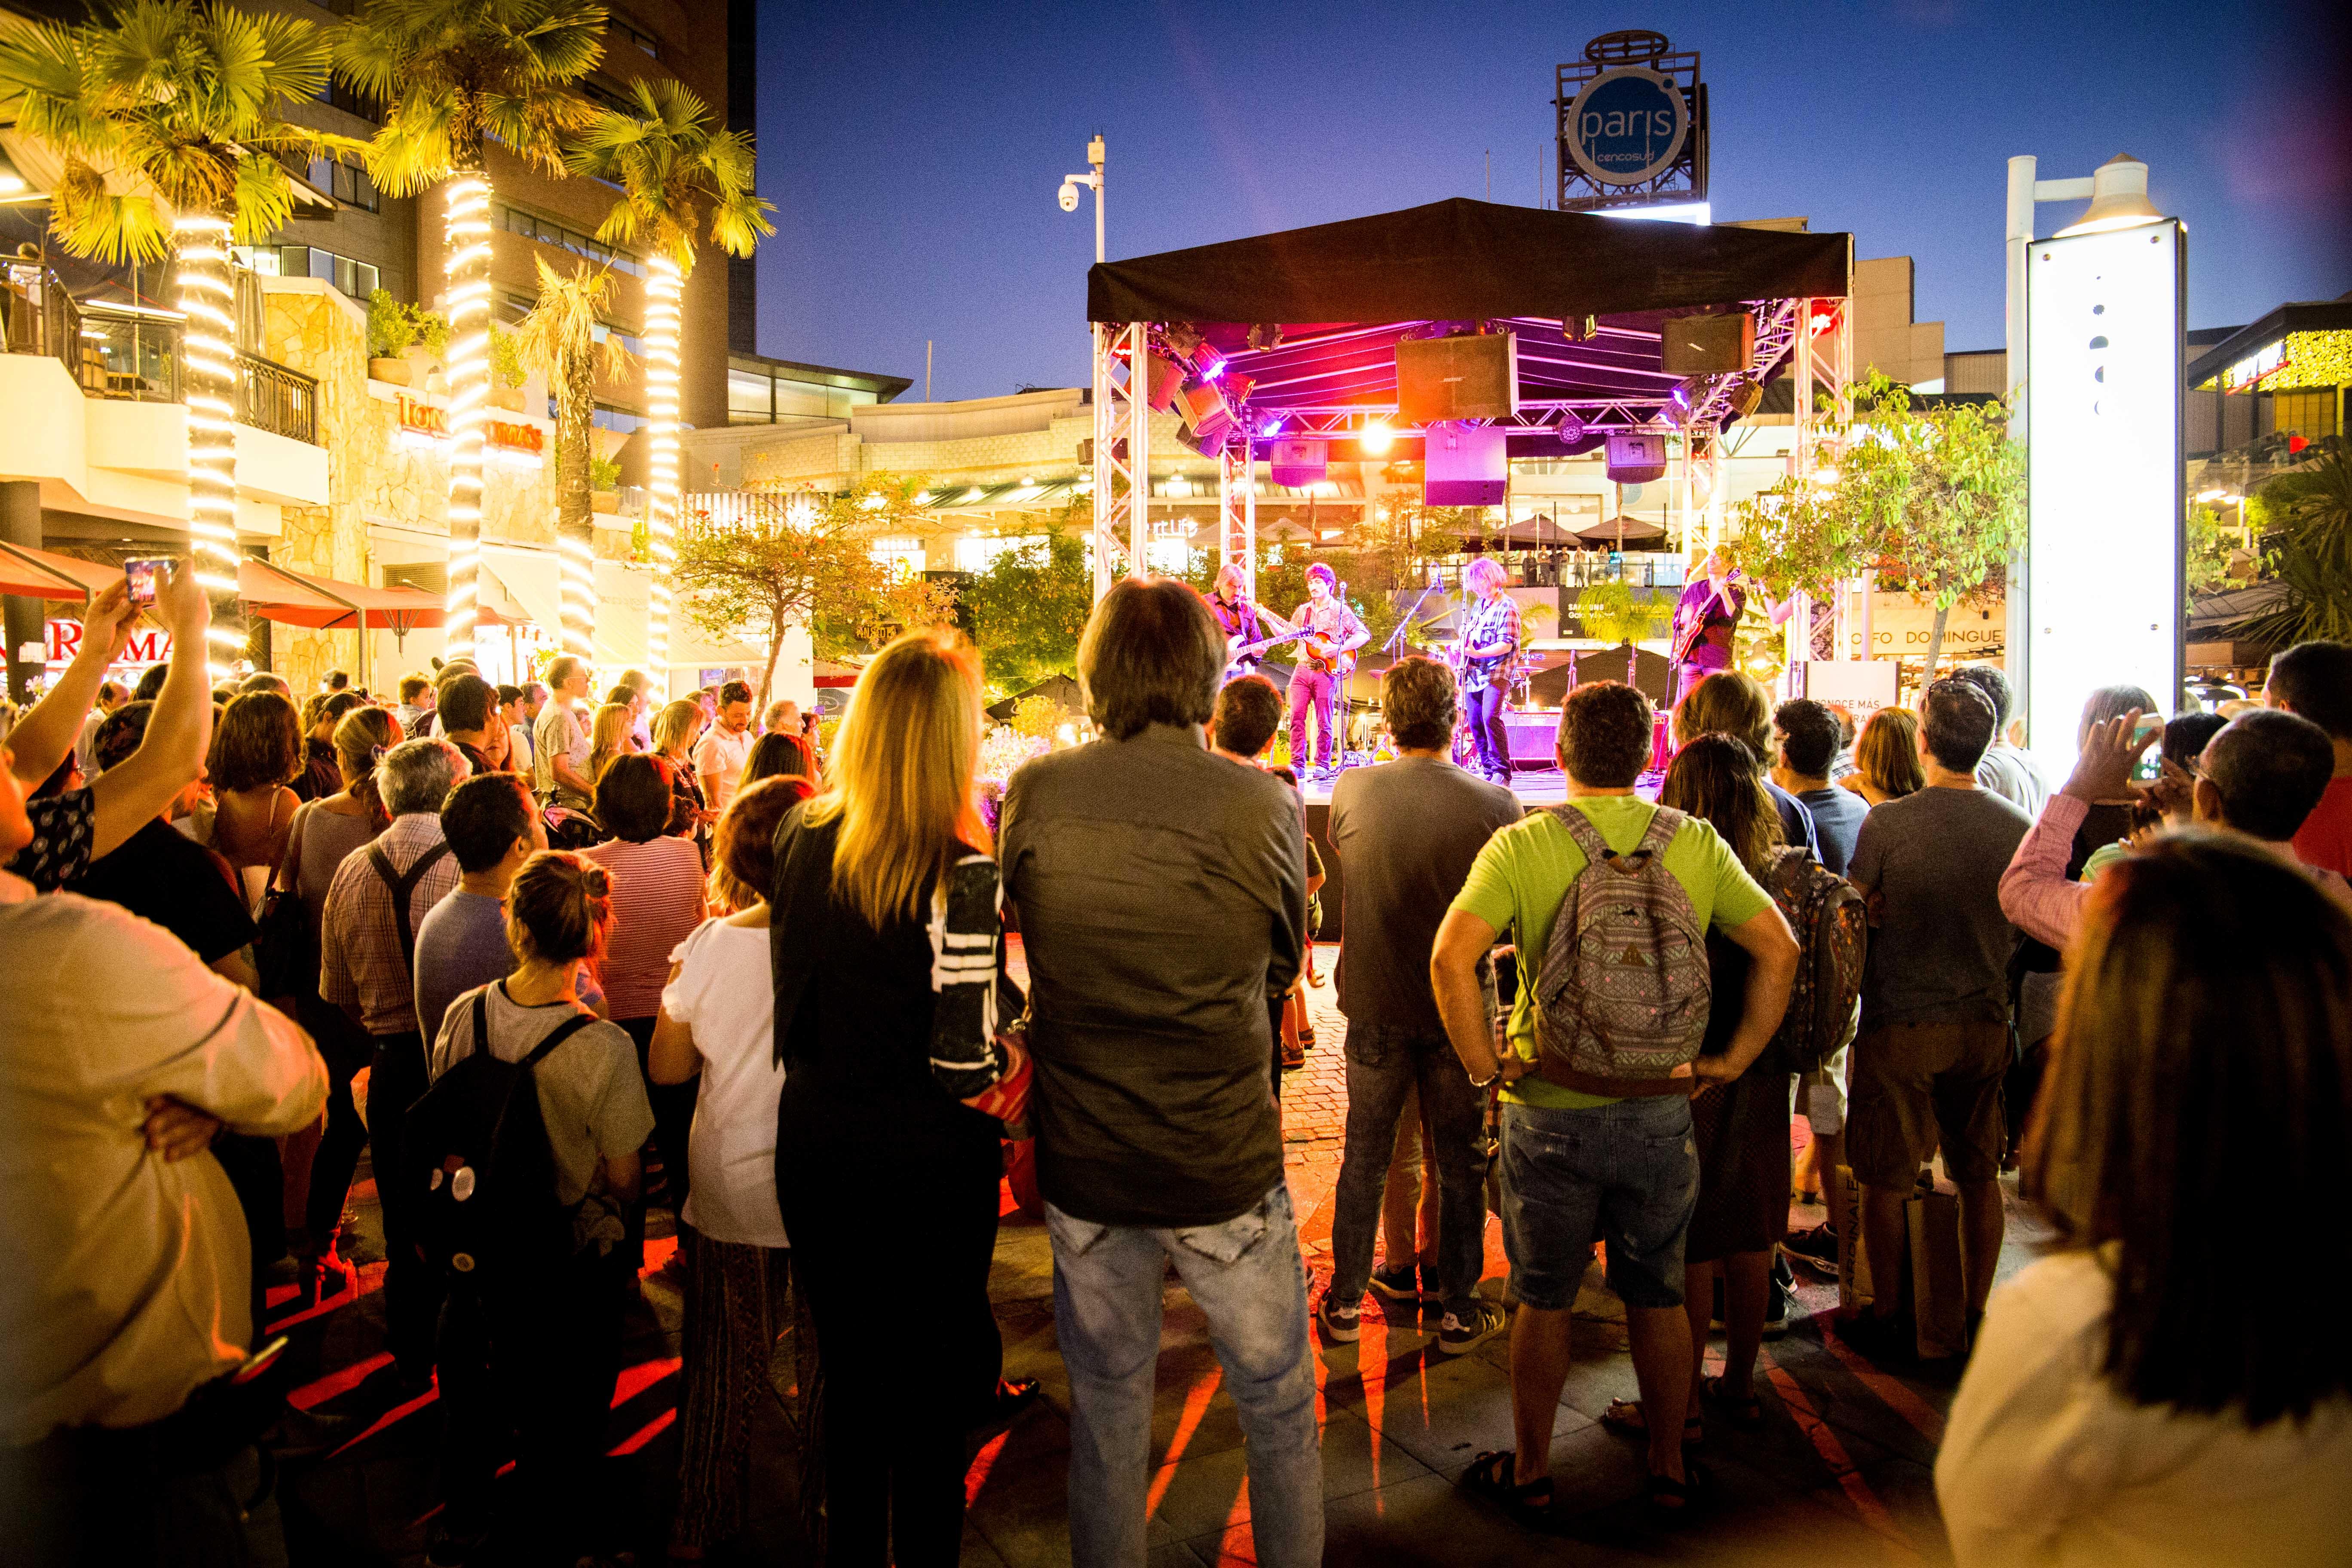 Noches de verano en Parque Arauco: Ciclos de shows gratuitos durante todo Enero